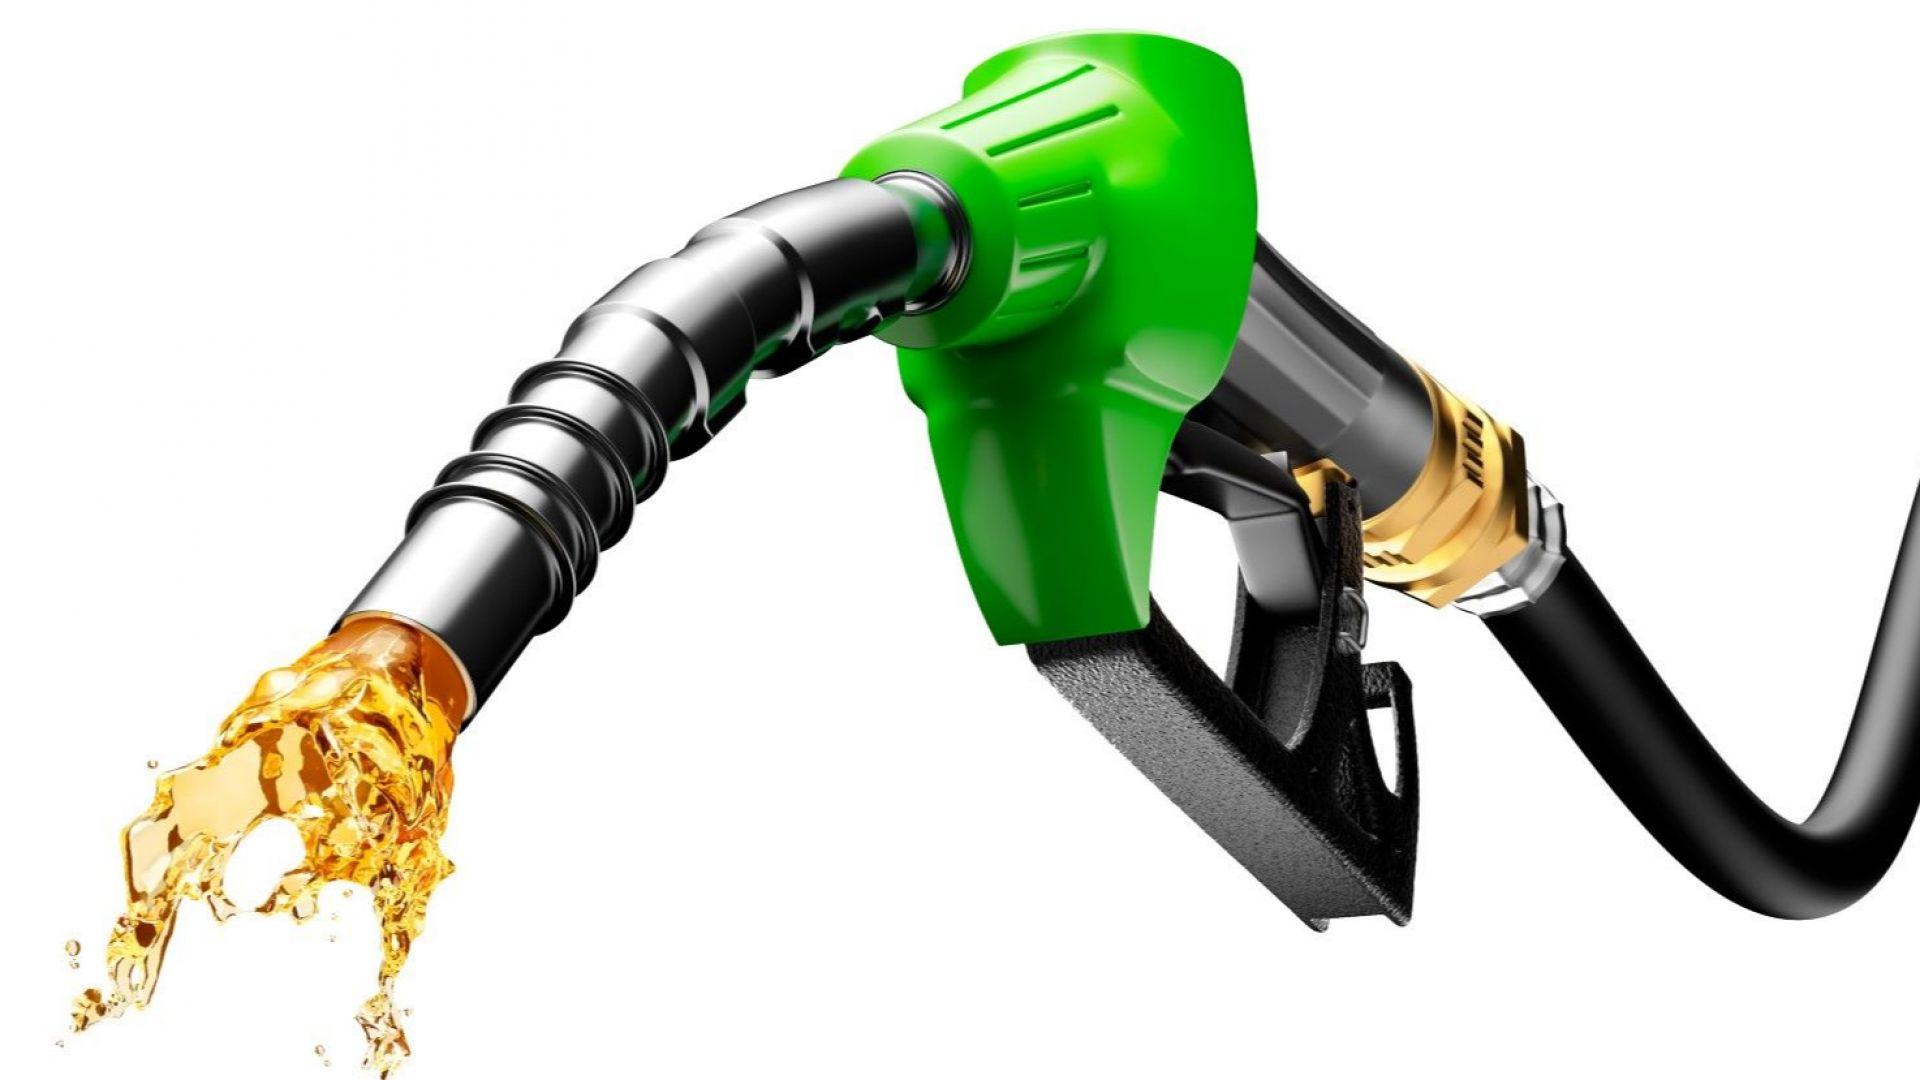 Ревизоро: Премиерът и правителството не могат да влияят на цените на горивата